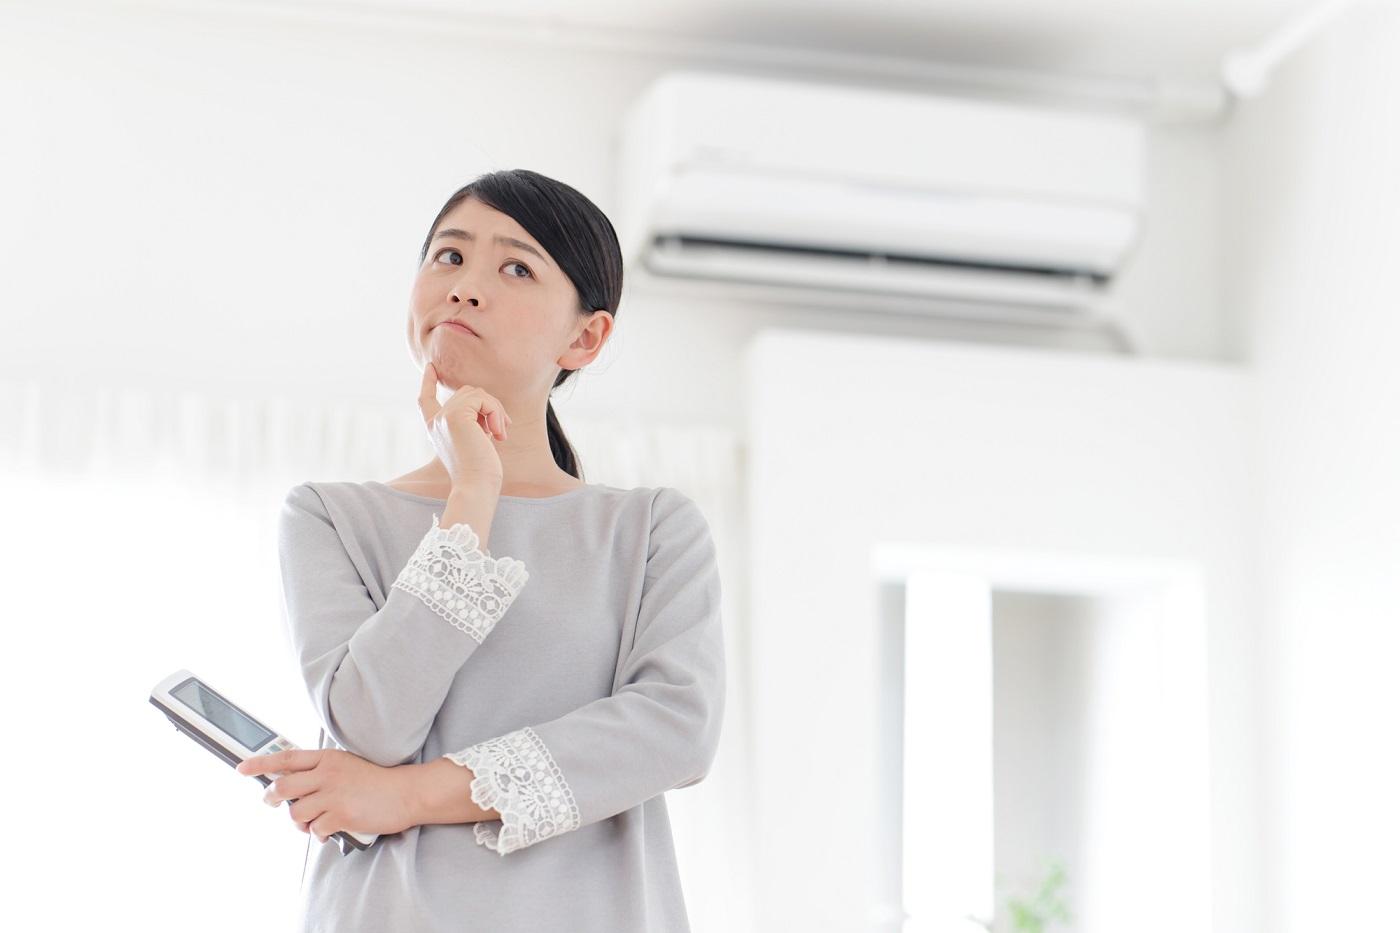 冷房 ない エアコン 効か